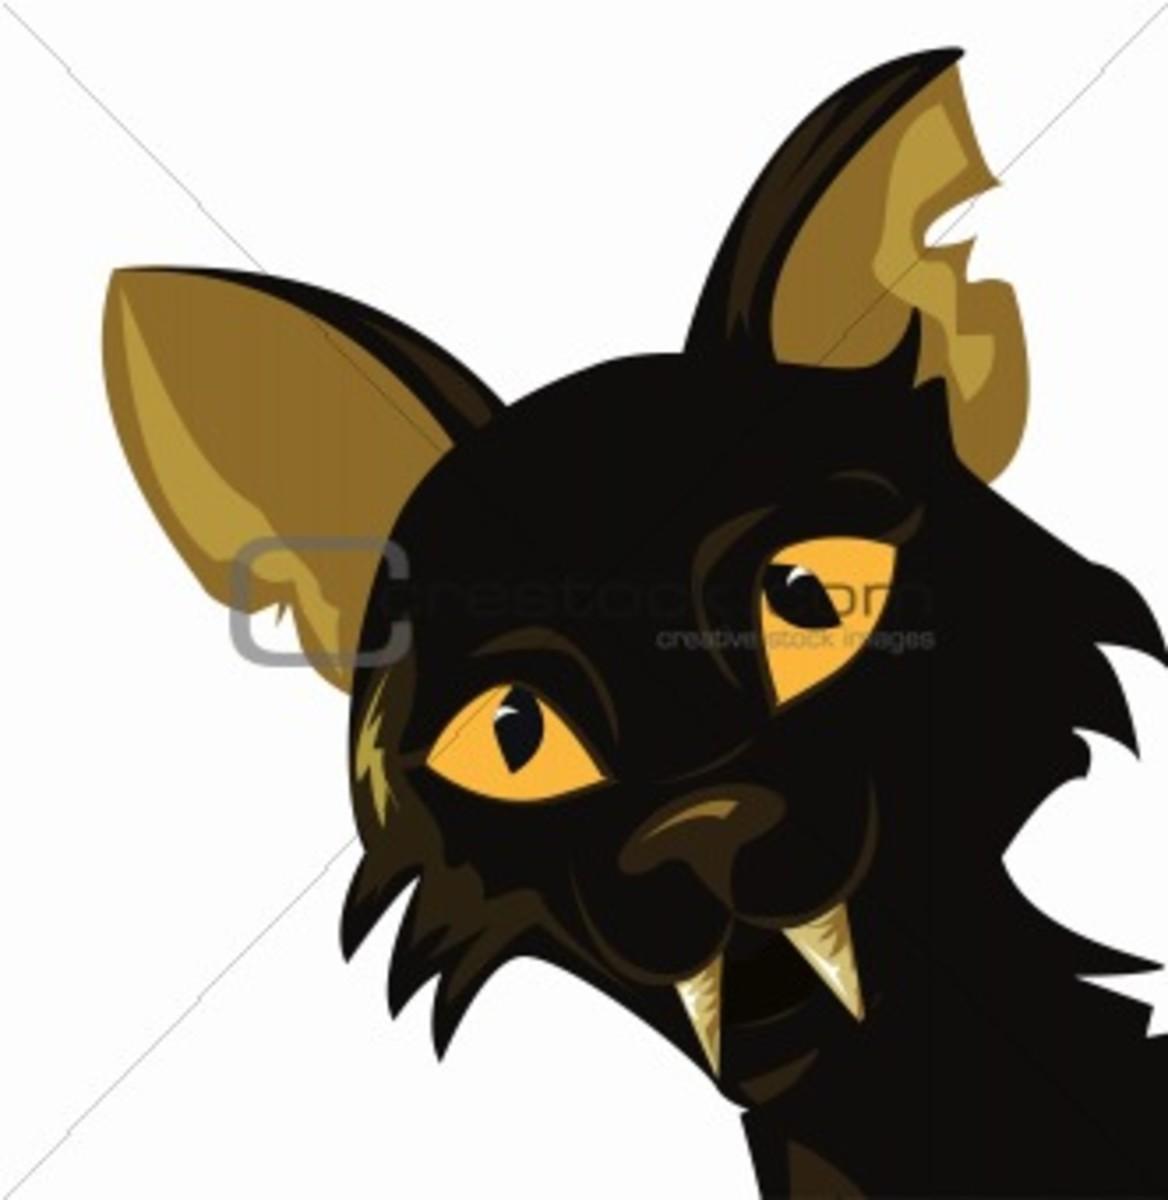 the-black-cat-a-response-essay